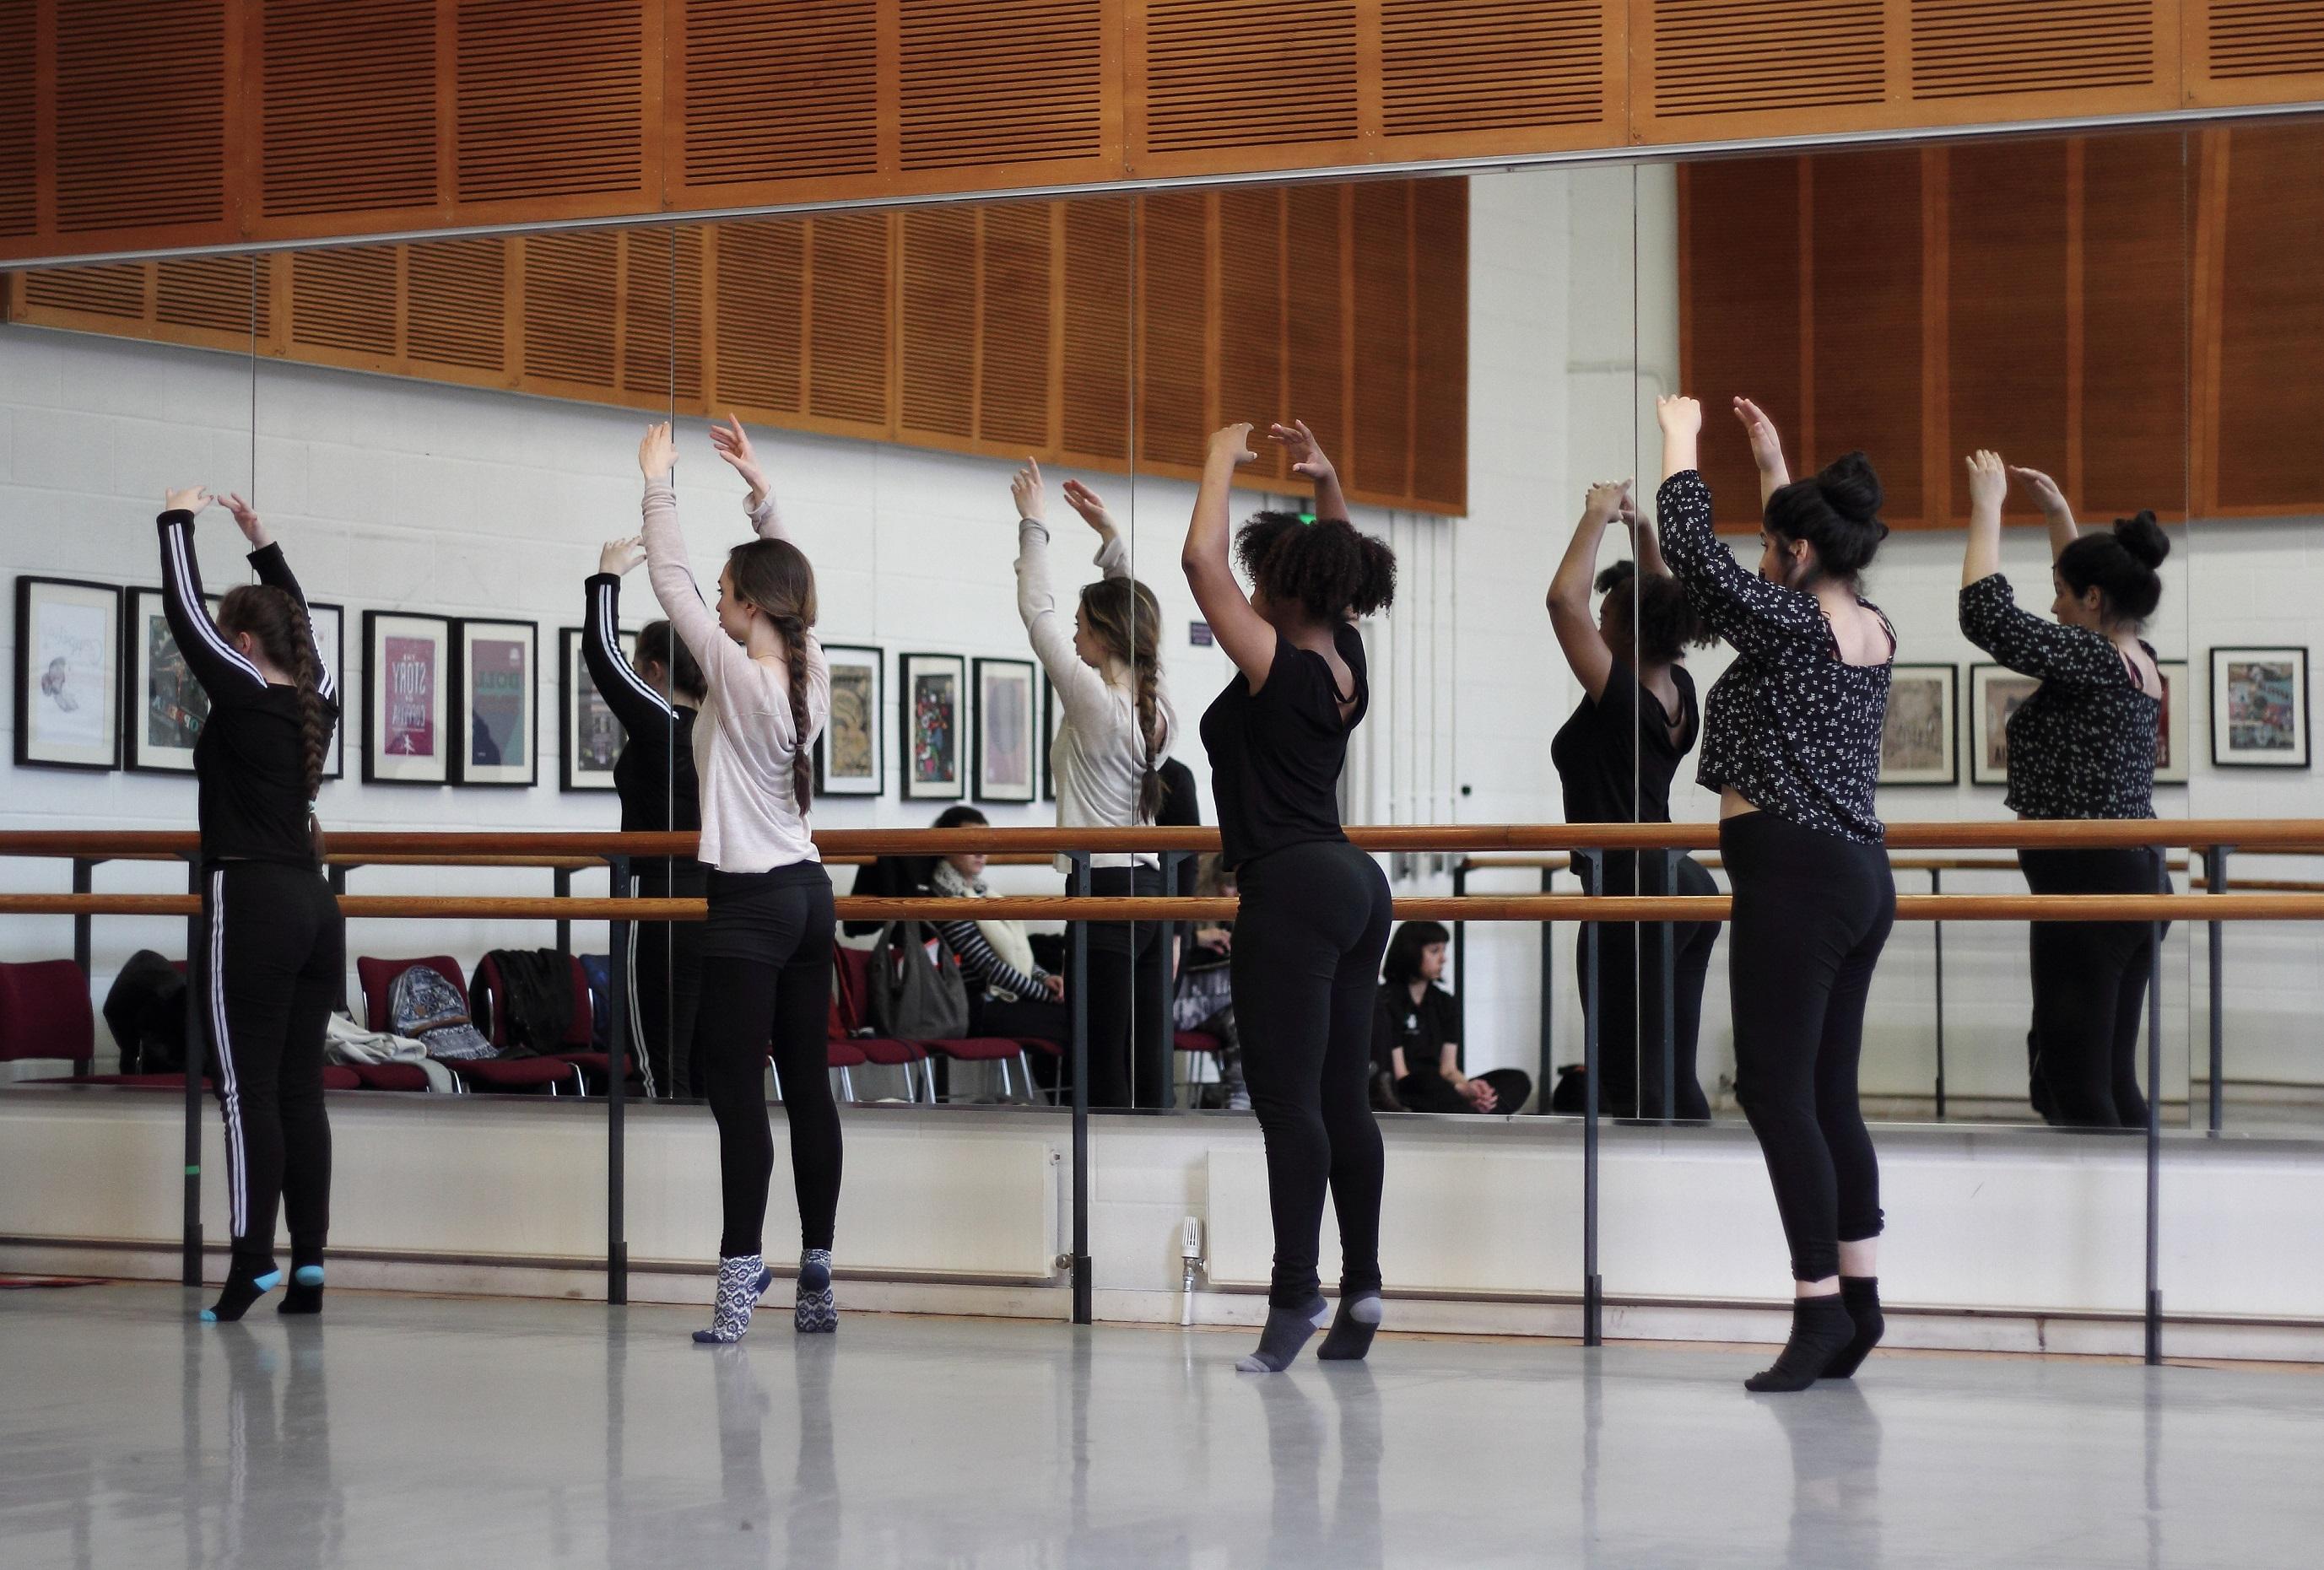 Four girls balance on a ballet bar